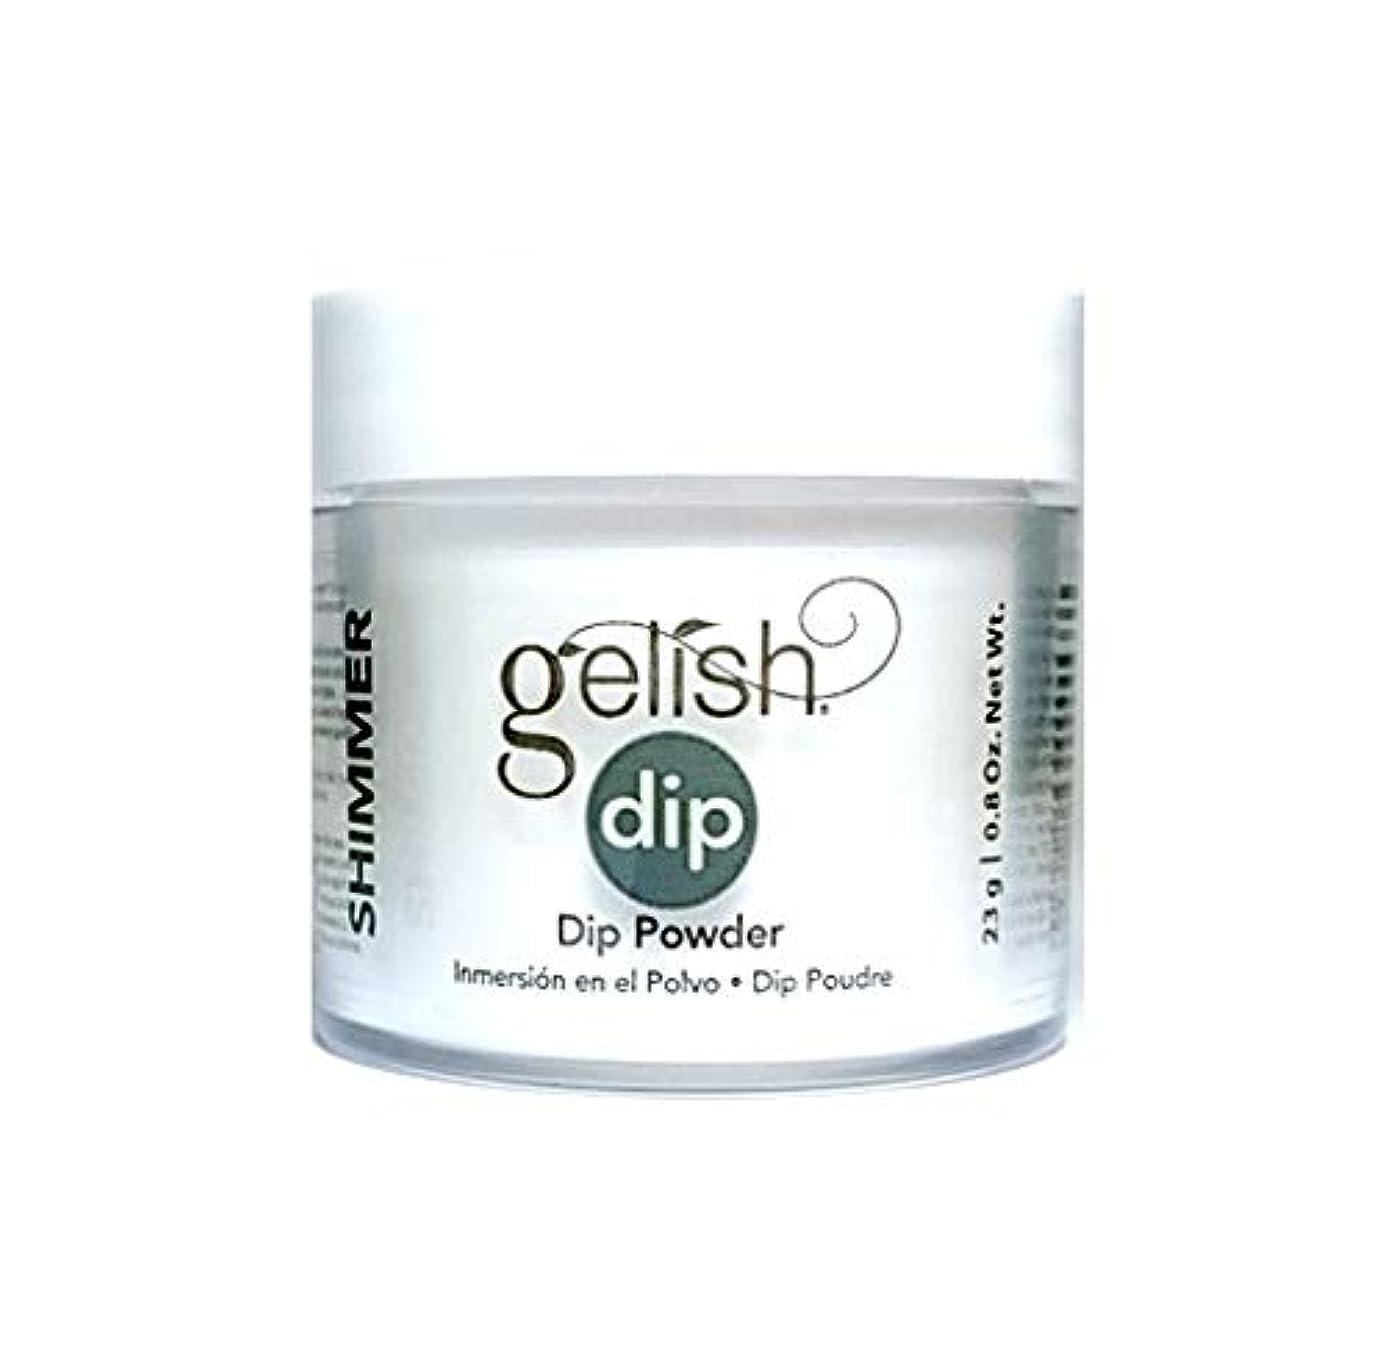 協力する落ち着かない幽霊Harmony Gelish - Dip Powder - Izzy Wizzy, Let's Get Busy - 23g / 0.8oz